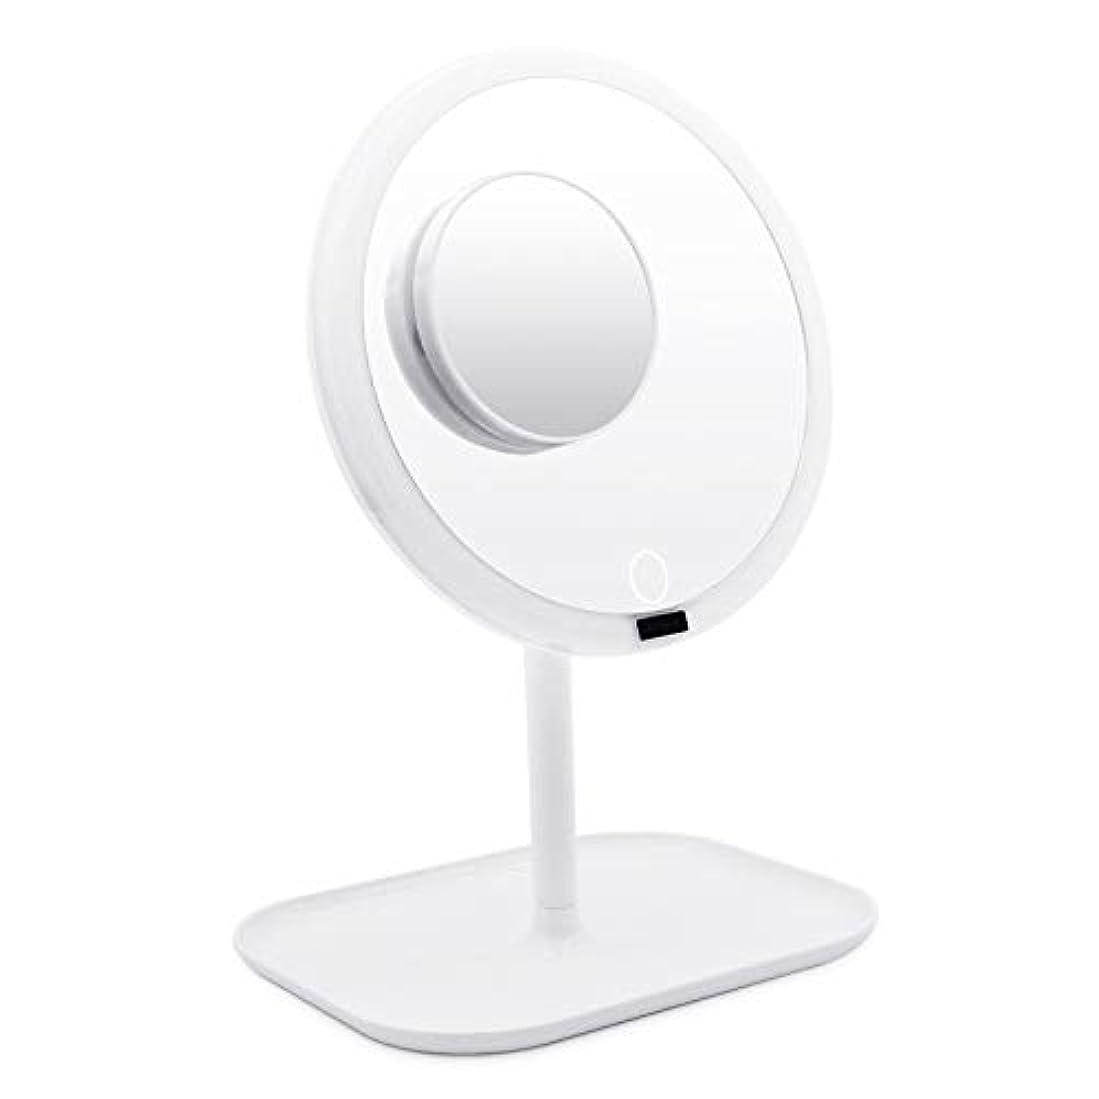 慢性的新しい意味好意AMZTOLIFE 化粧鏡 鏡 卓上ミラー 女優ミラー スタンドミラー「ledライト付き 人感センサー搭載 無階段明るさ調節可能 360度回転 USB充電式」直径20.3cm …